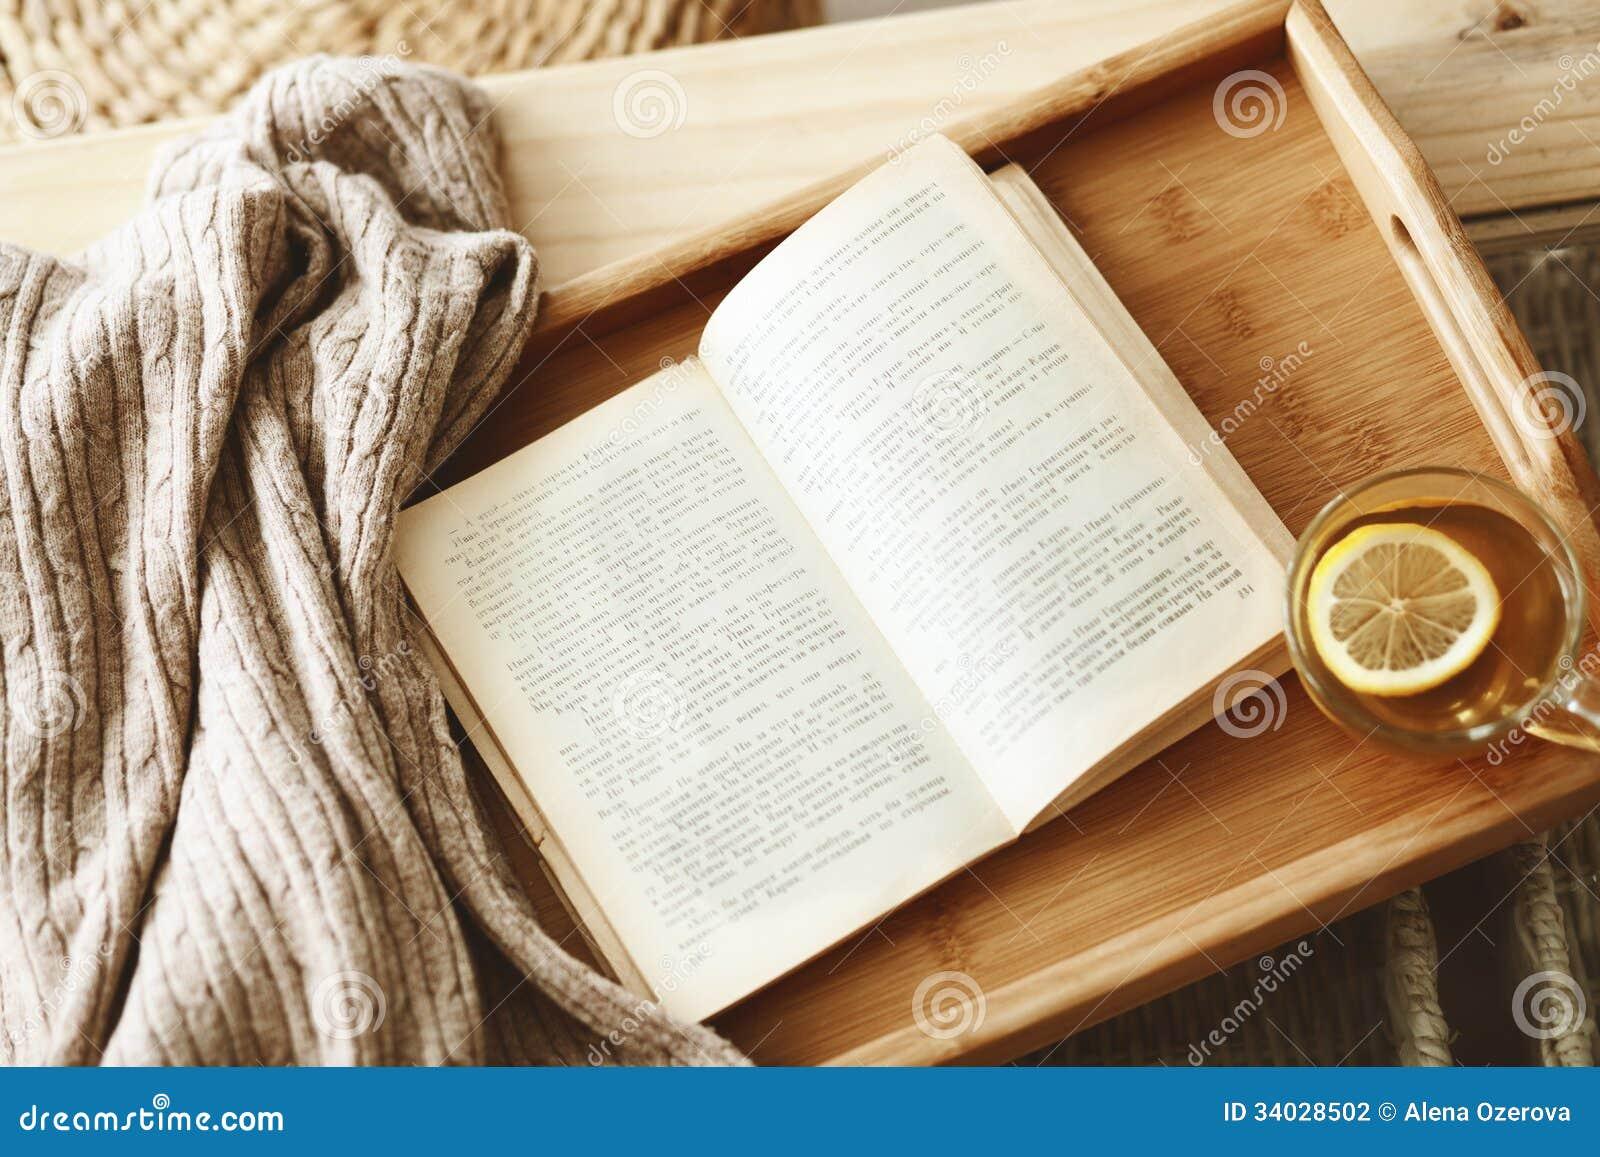 Boek en sweater